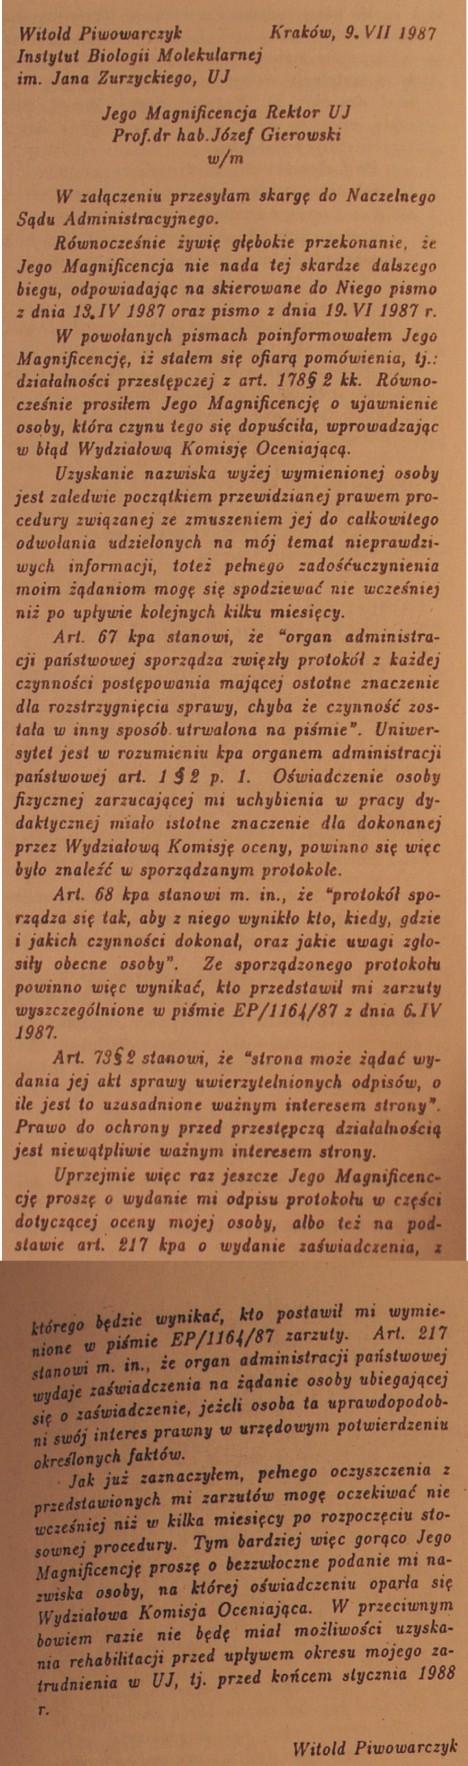 piwowarczyk-5